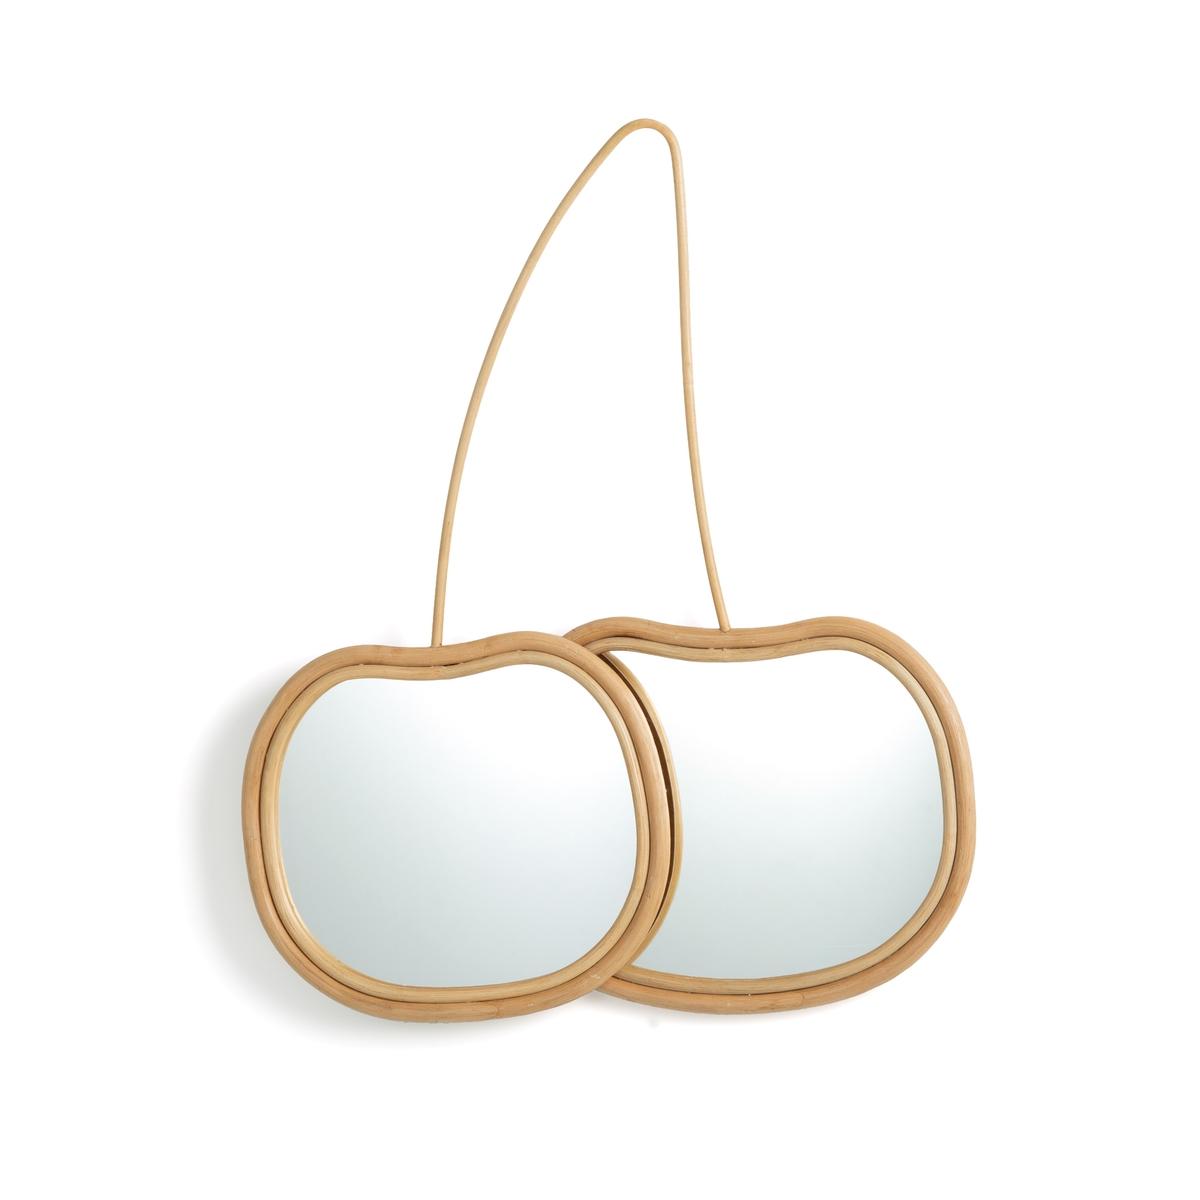 Зеркало La Redoute В форме вишни из ротанга В см Lezy единый размер бежевый зеркало la redoute из ротанга в форме яблока nogu единый размер бежевый